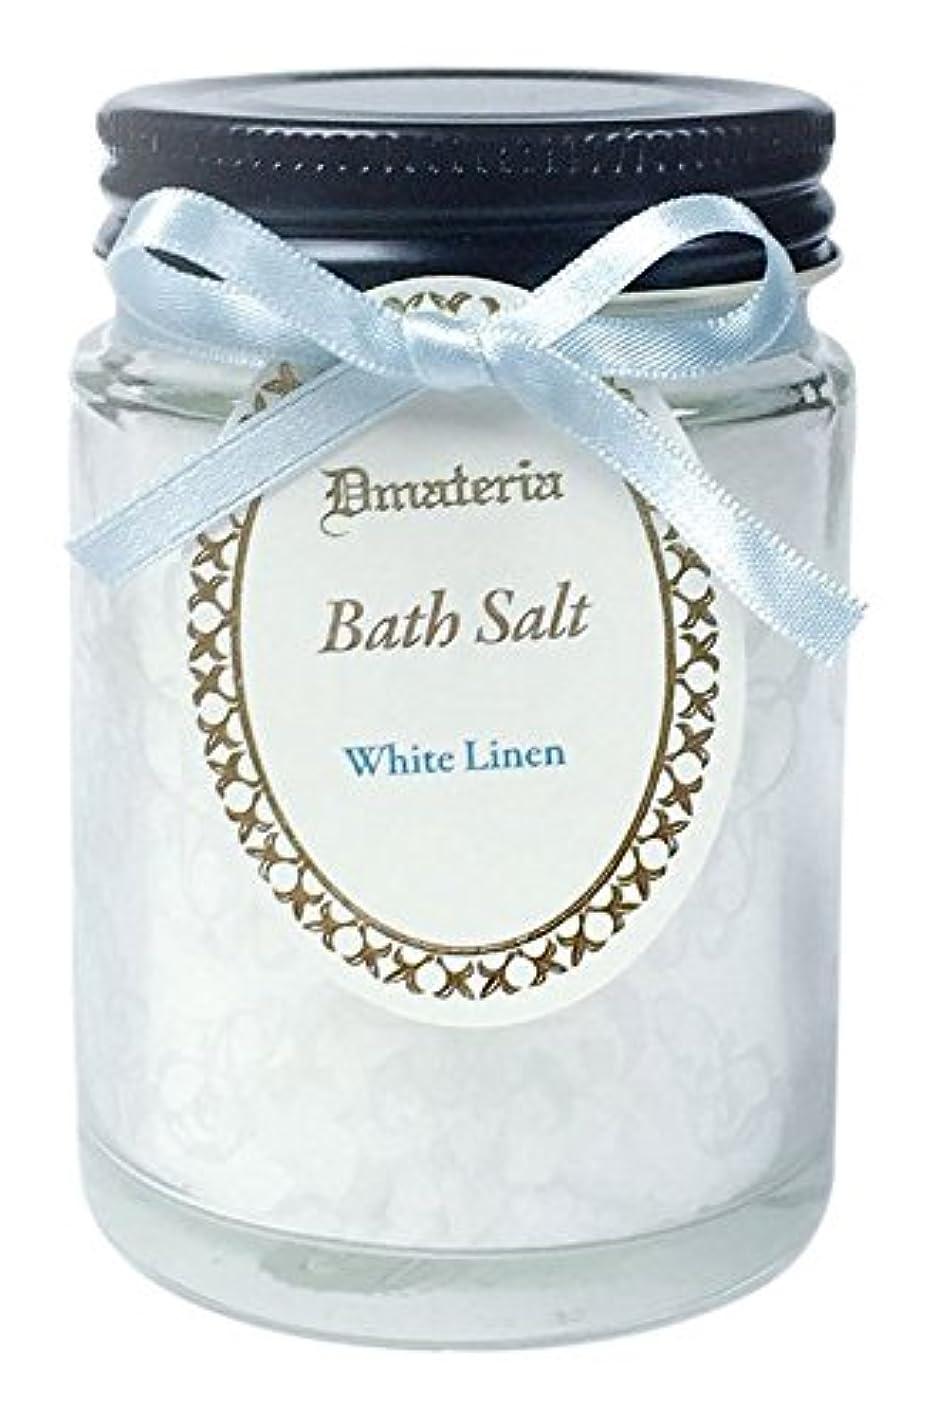 評判寝具欺くD materia バスソルト ホワイトリネン White Linen Bath Salt ディーマテリア